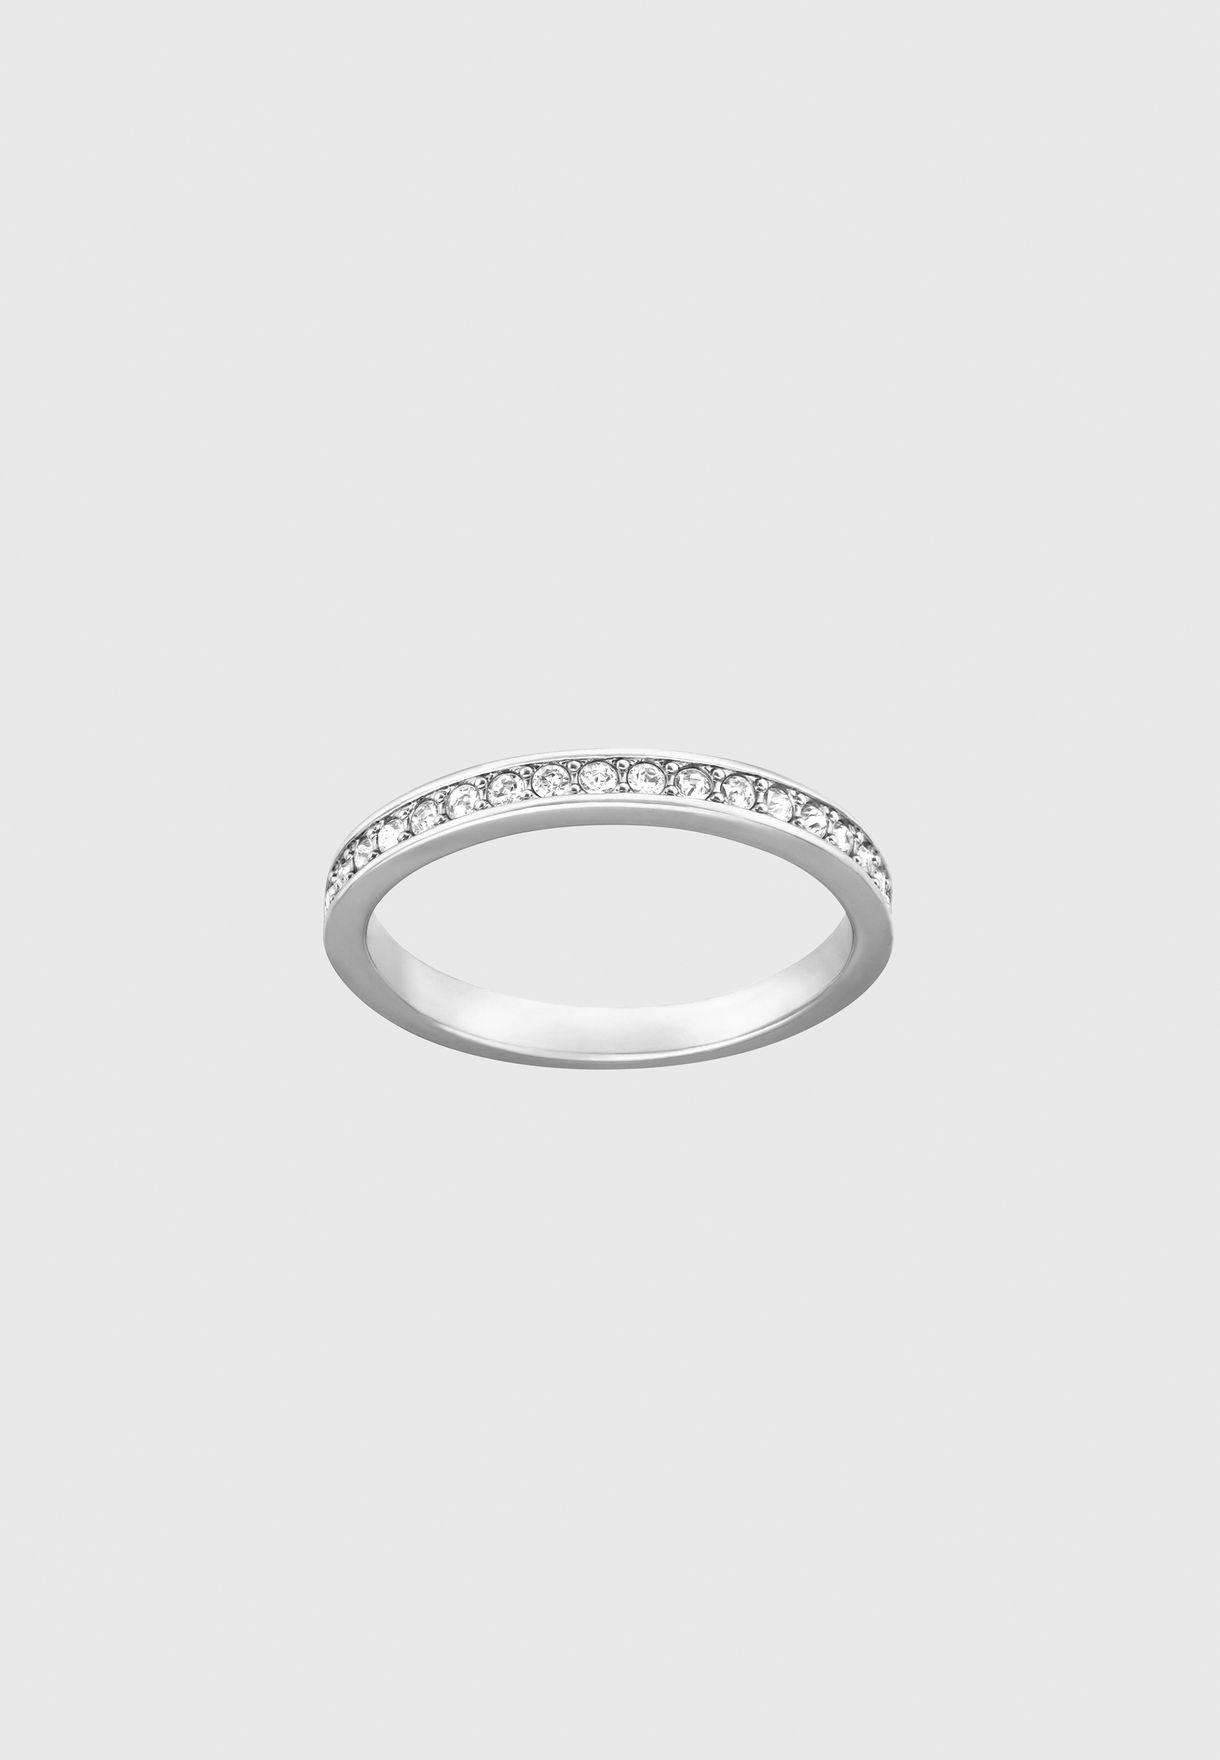 Small Rare Band Ring